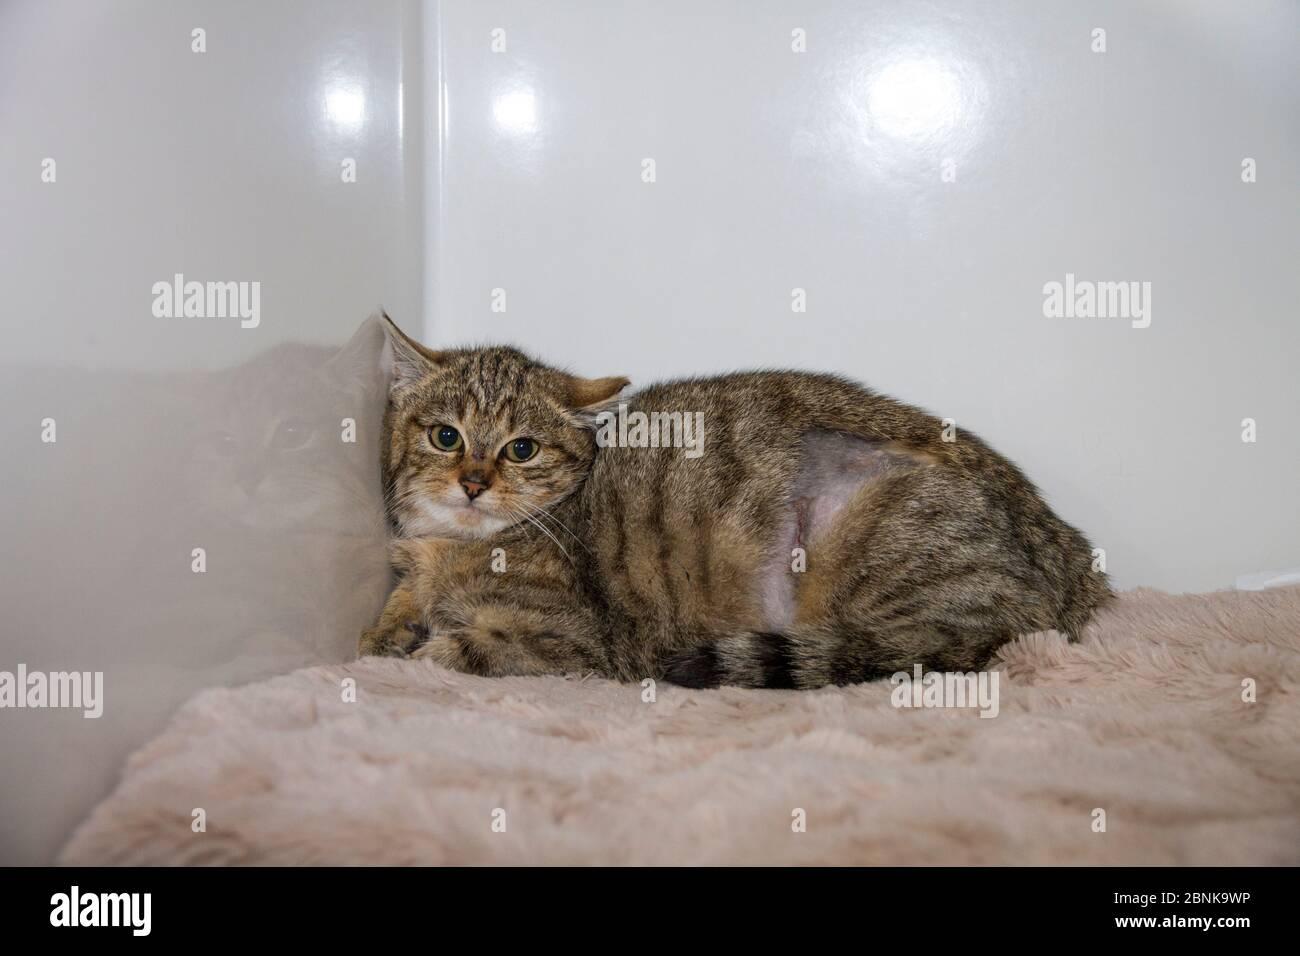 Jeune écossais sauvage chat (Felis silvestris grampia) Cross Feral chat (Felis catus) hybride de repos après neutering, Aberdeenshire, Écosse, Royaume-Uni, Decem Banque D'Images